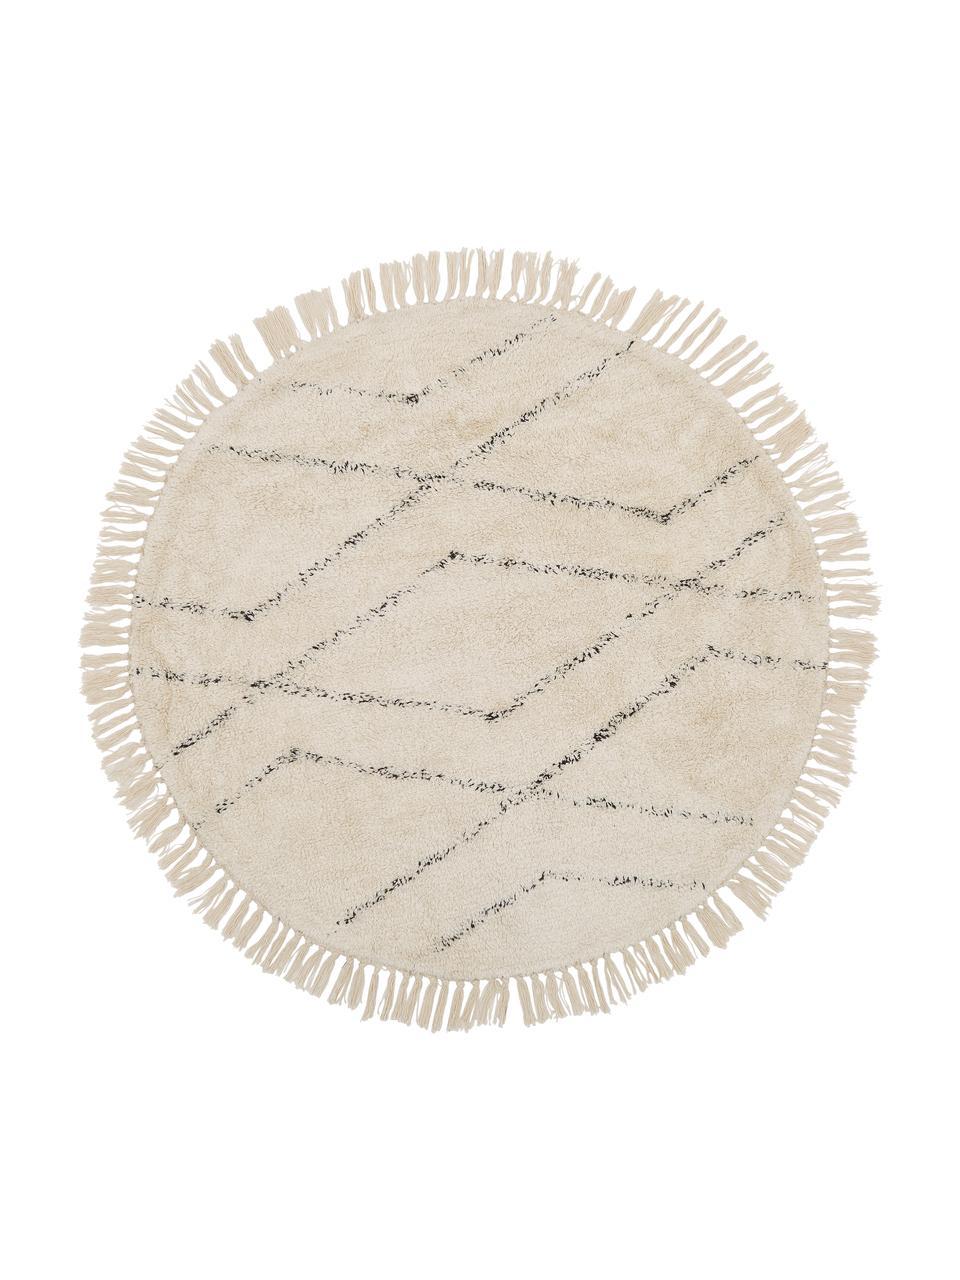 Rond katoenen vloerkleed Bina met ruitjesmotief, handgetuft, Beige, zwart, Ø 150 cm (maat M)